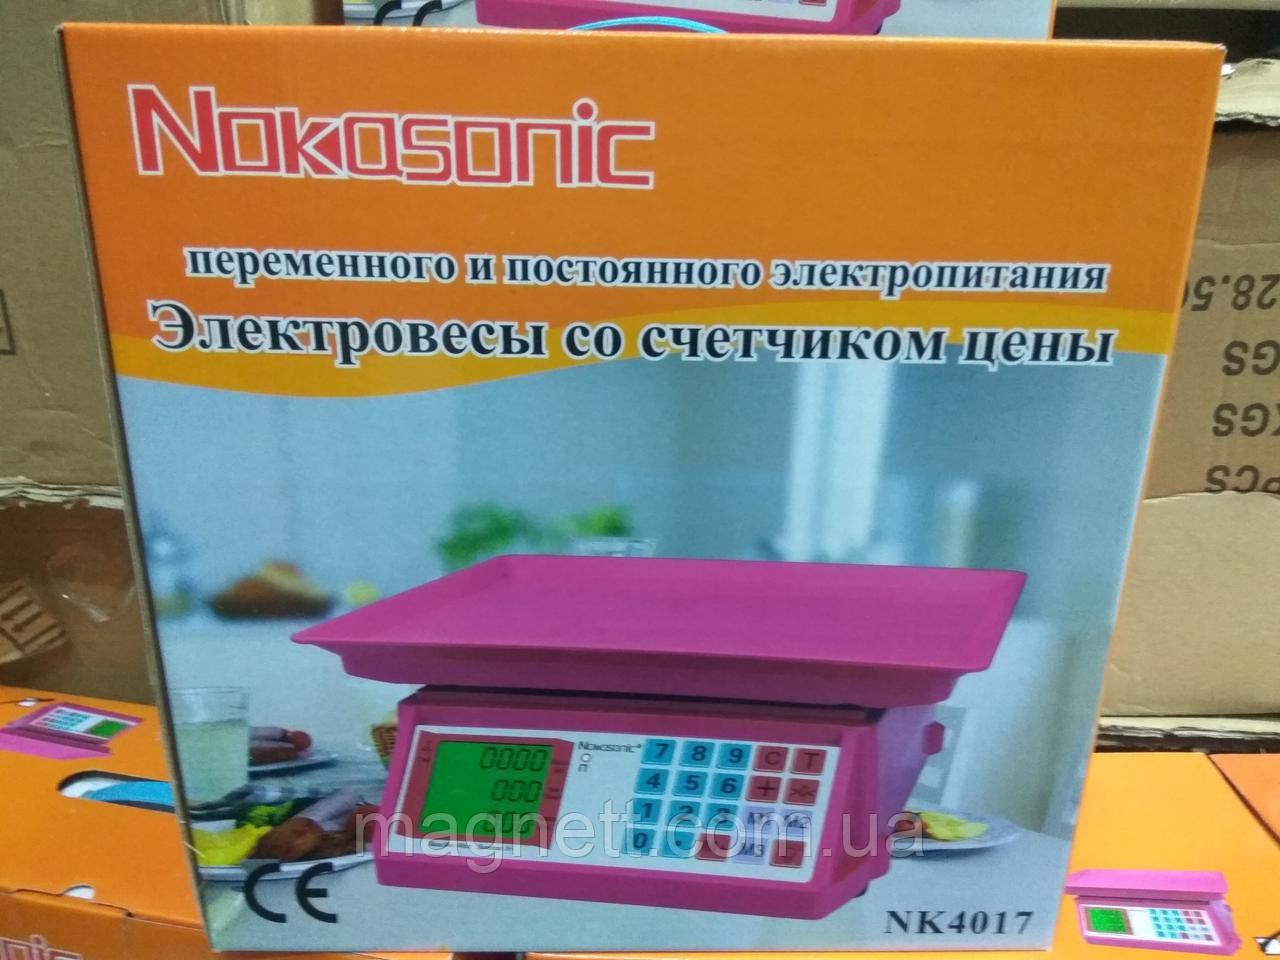 Весы NK4017